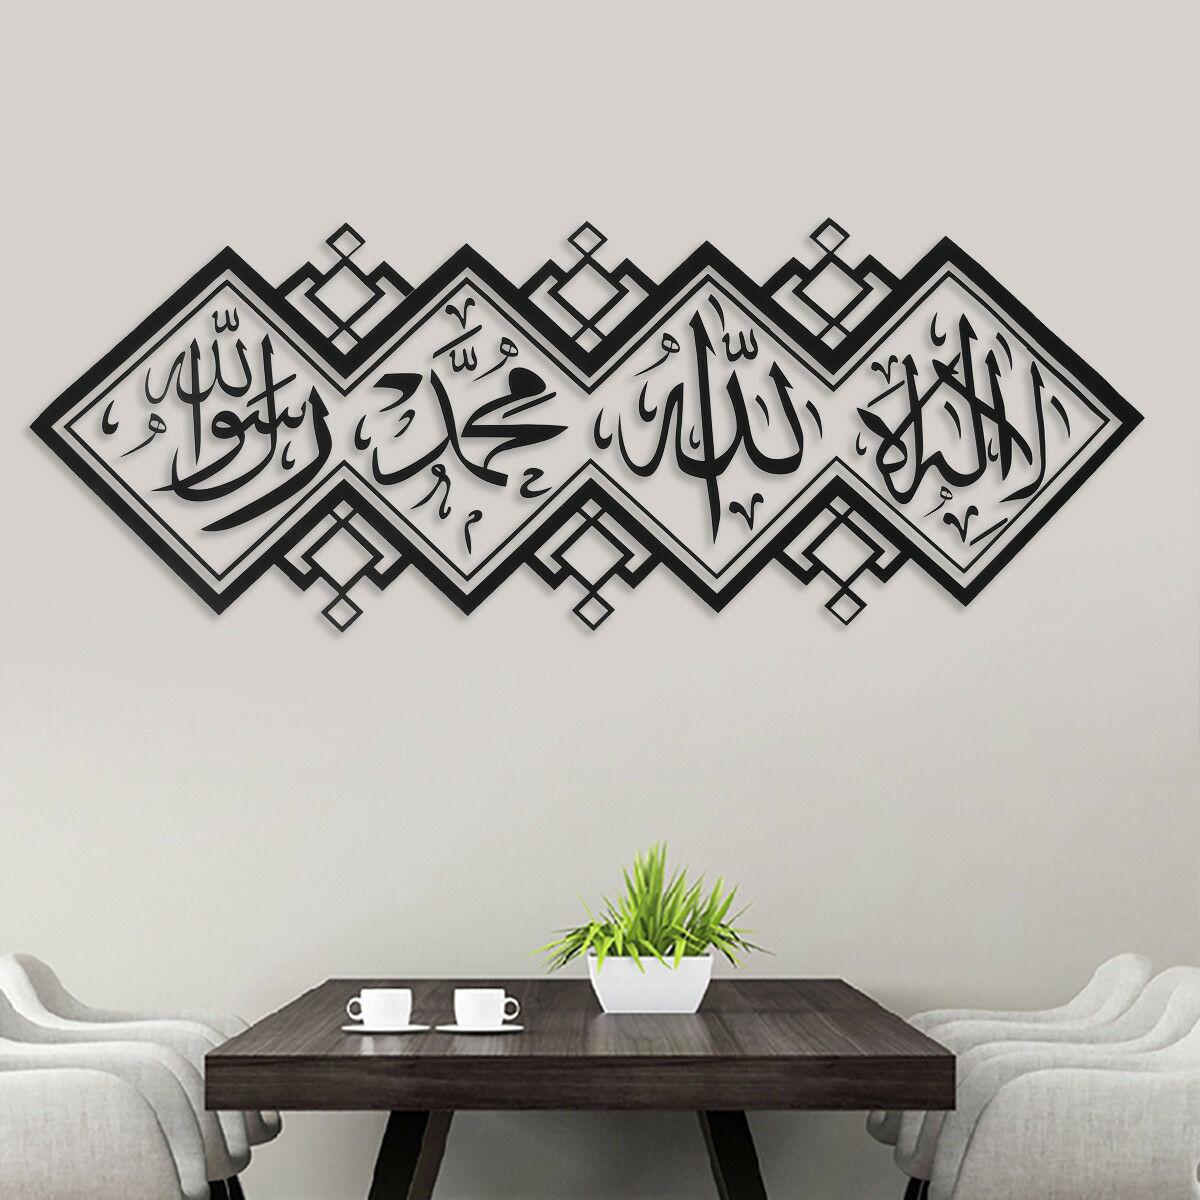 Домашний декор, арабское искусство, Мусульманский Исламский настенный стикер, виниловые Съемные мусульманские обои для мусульманской церк...